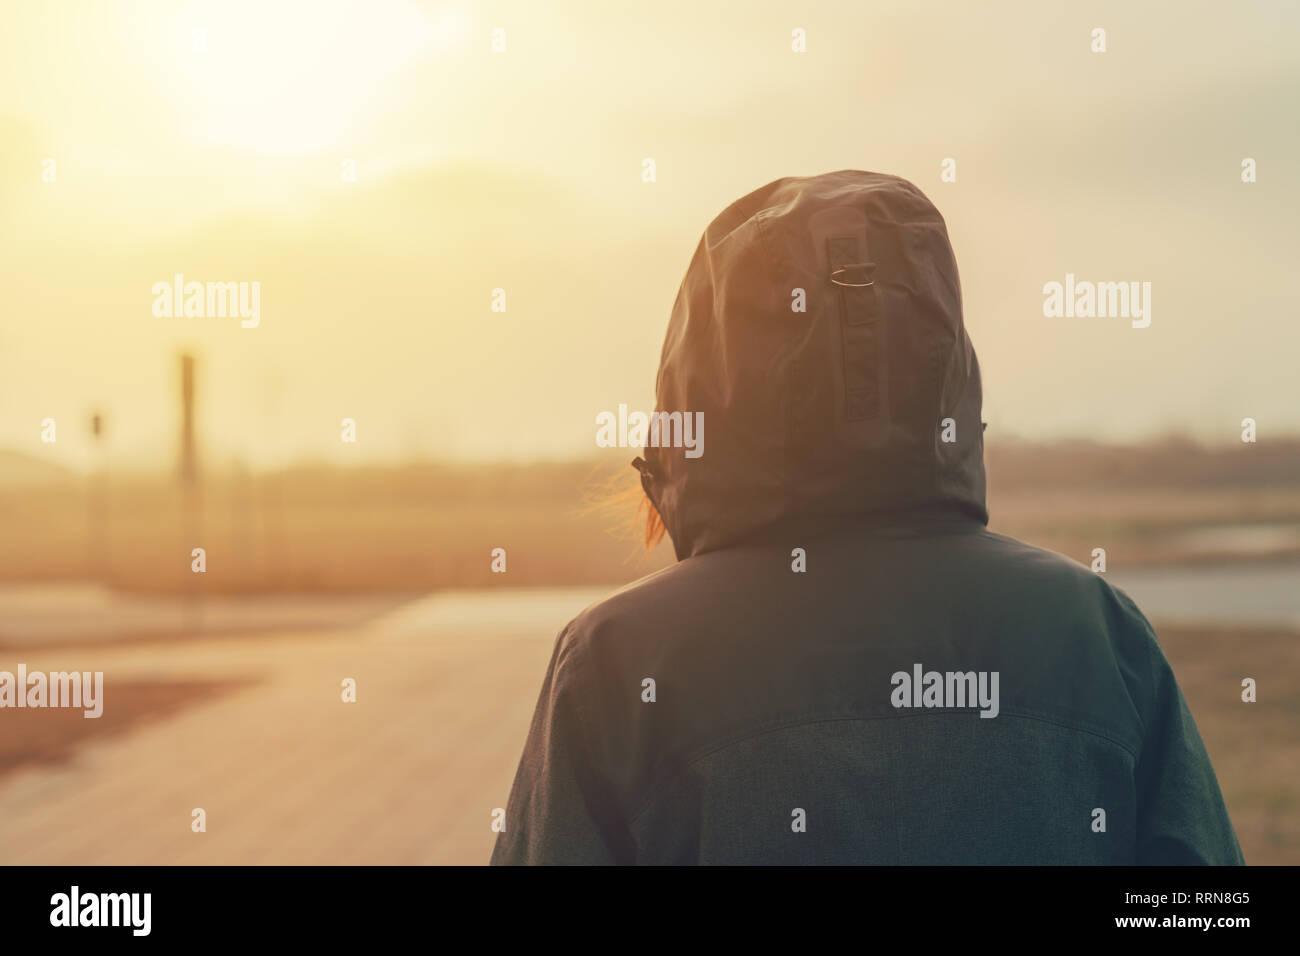 Vista posteriore del cappuccio femmina di persona a piedi la strada di città in inverno freddo pomeriggio Foto Stock